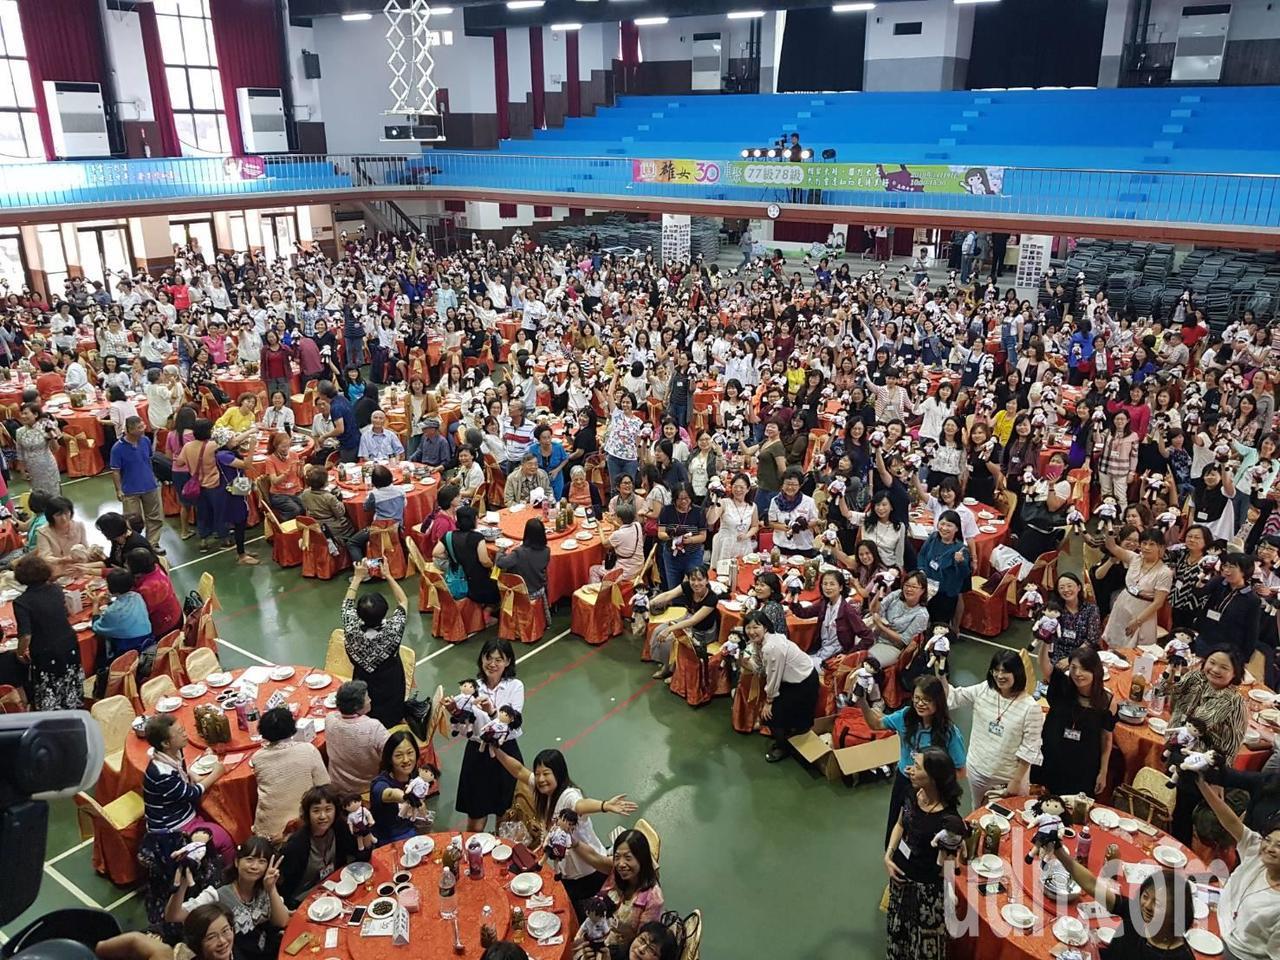 高雄女中首次舉辦「30重聚」,迎來畢業30、31年的校友回娘家,在學校活動中心席...